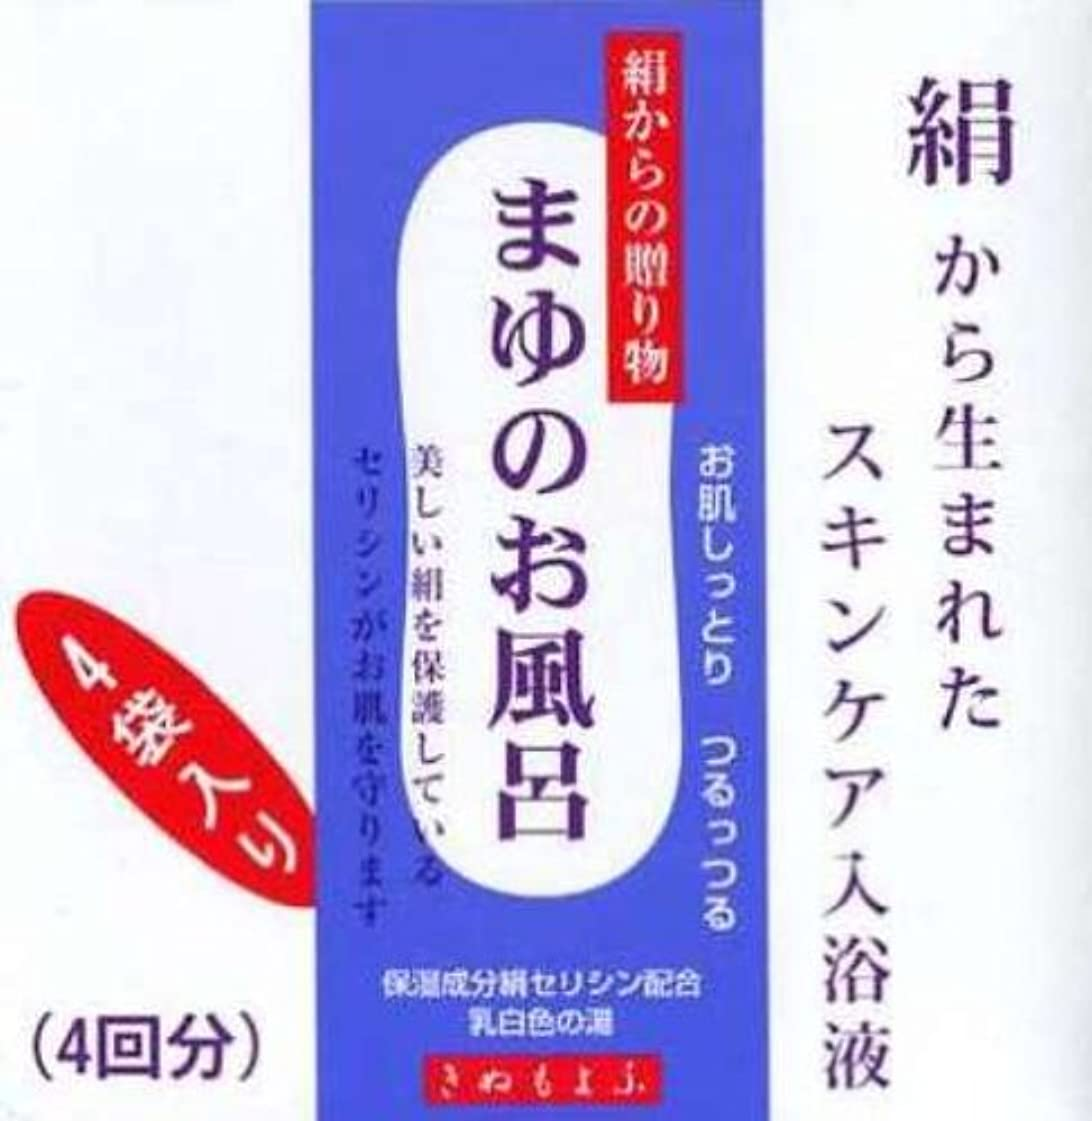 交通渋滞トランジスタ冒険まゆシリーズ きぬもよふ まゆのお風呂 25ml(1回分×4袋)